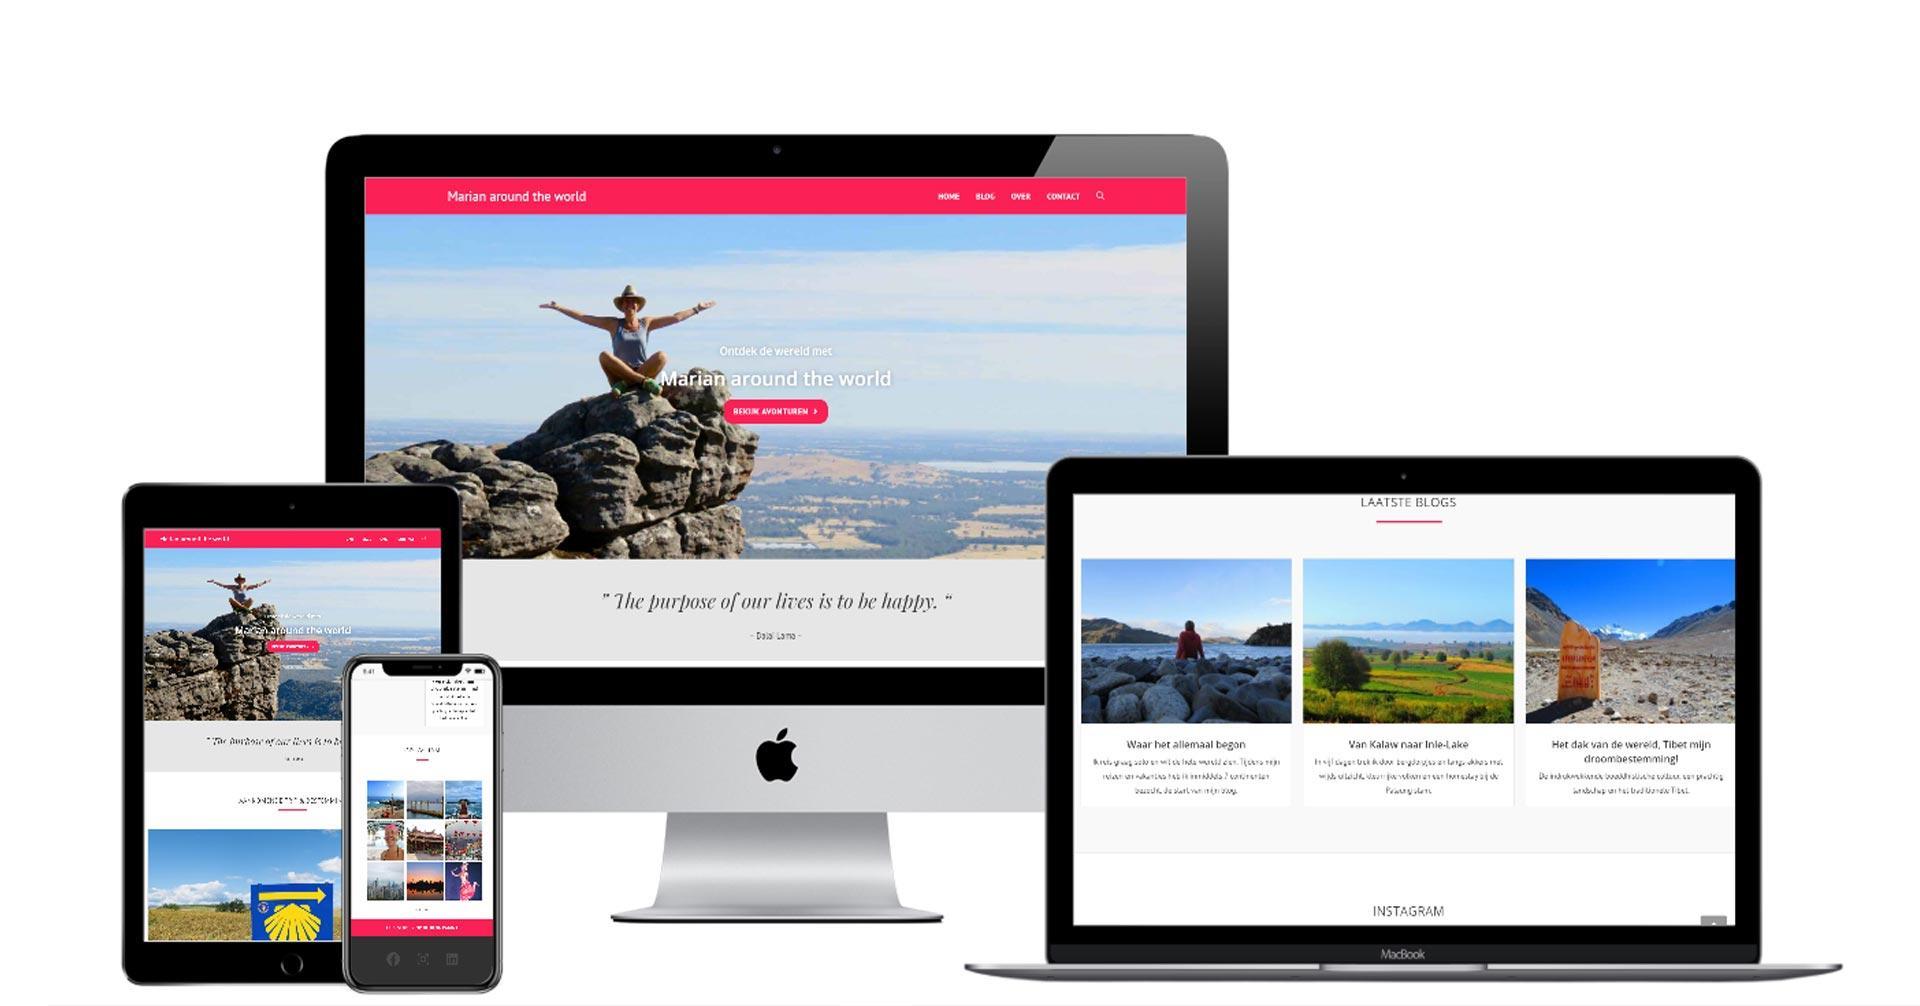 Blog en reiswebsite van Marian around the world